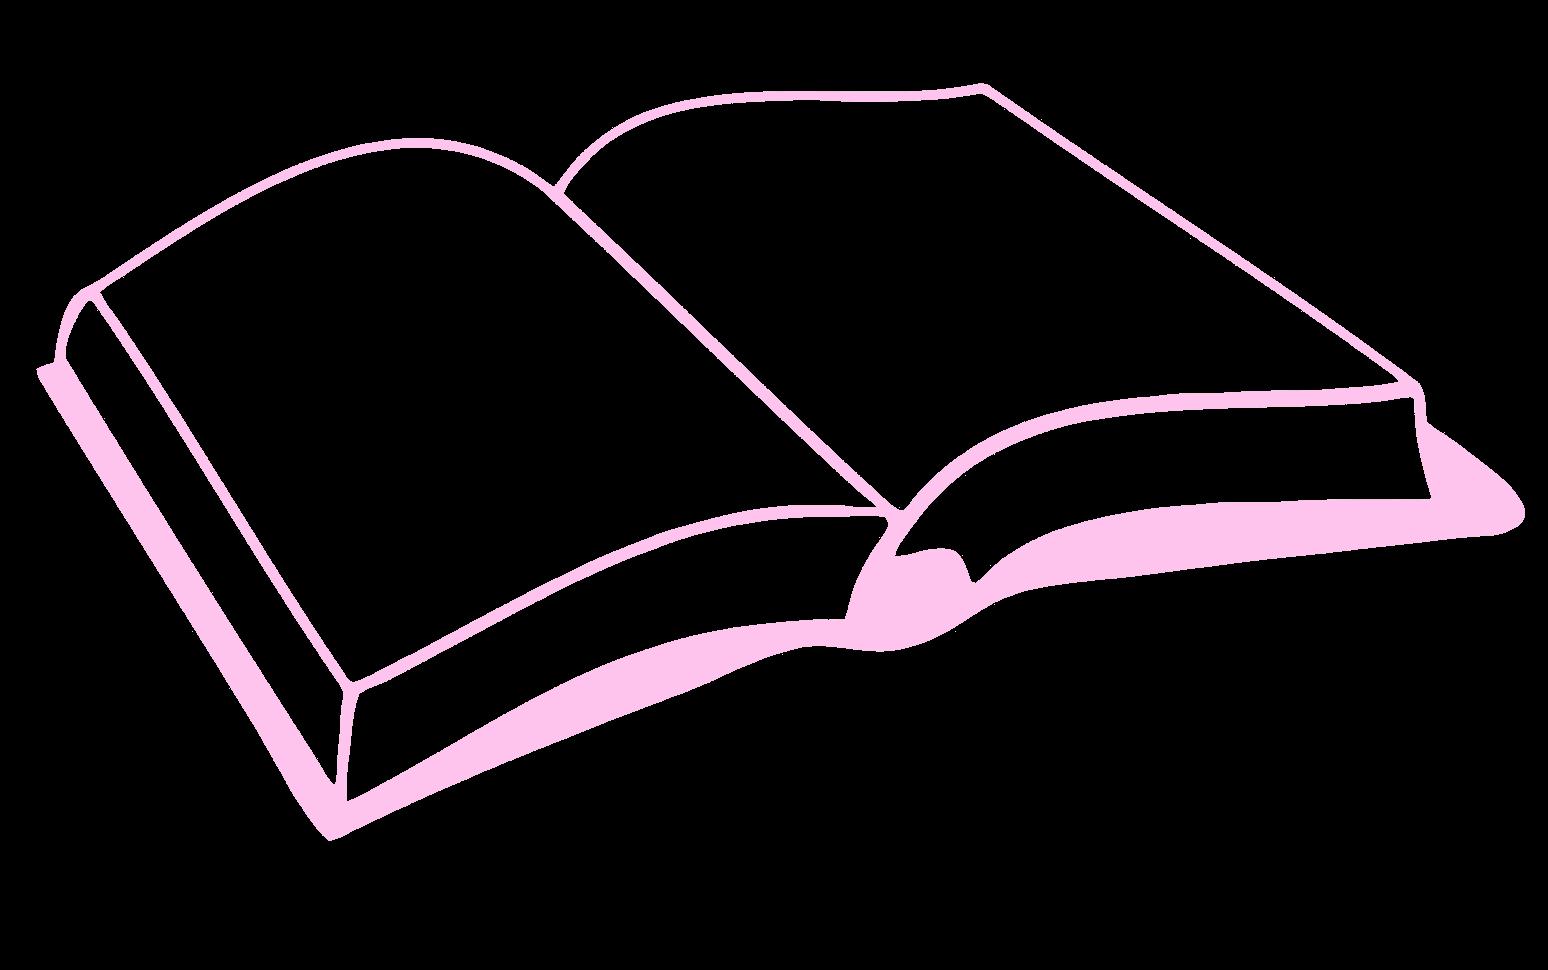 PINKLibro-en-blanco-para-colorear.png